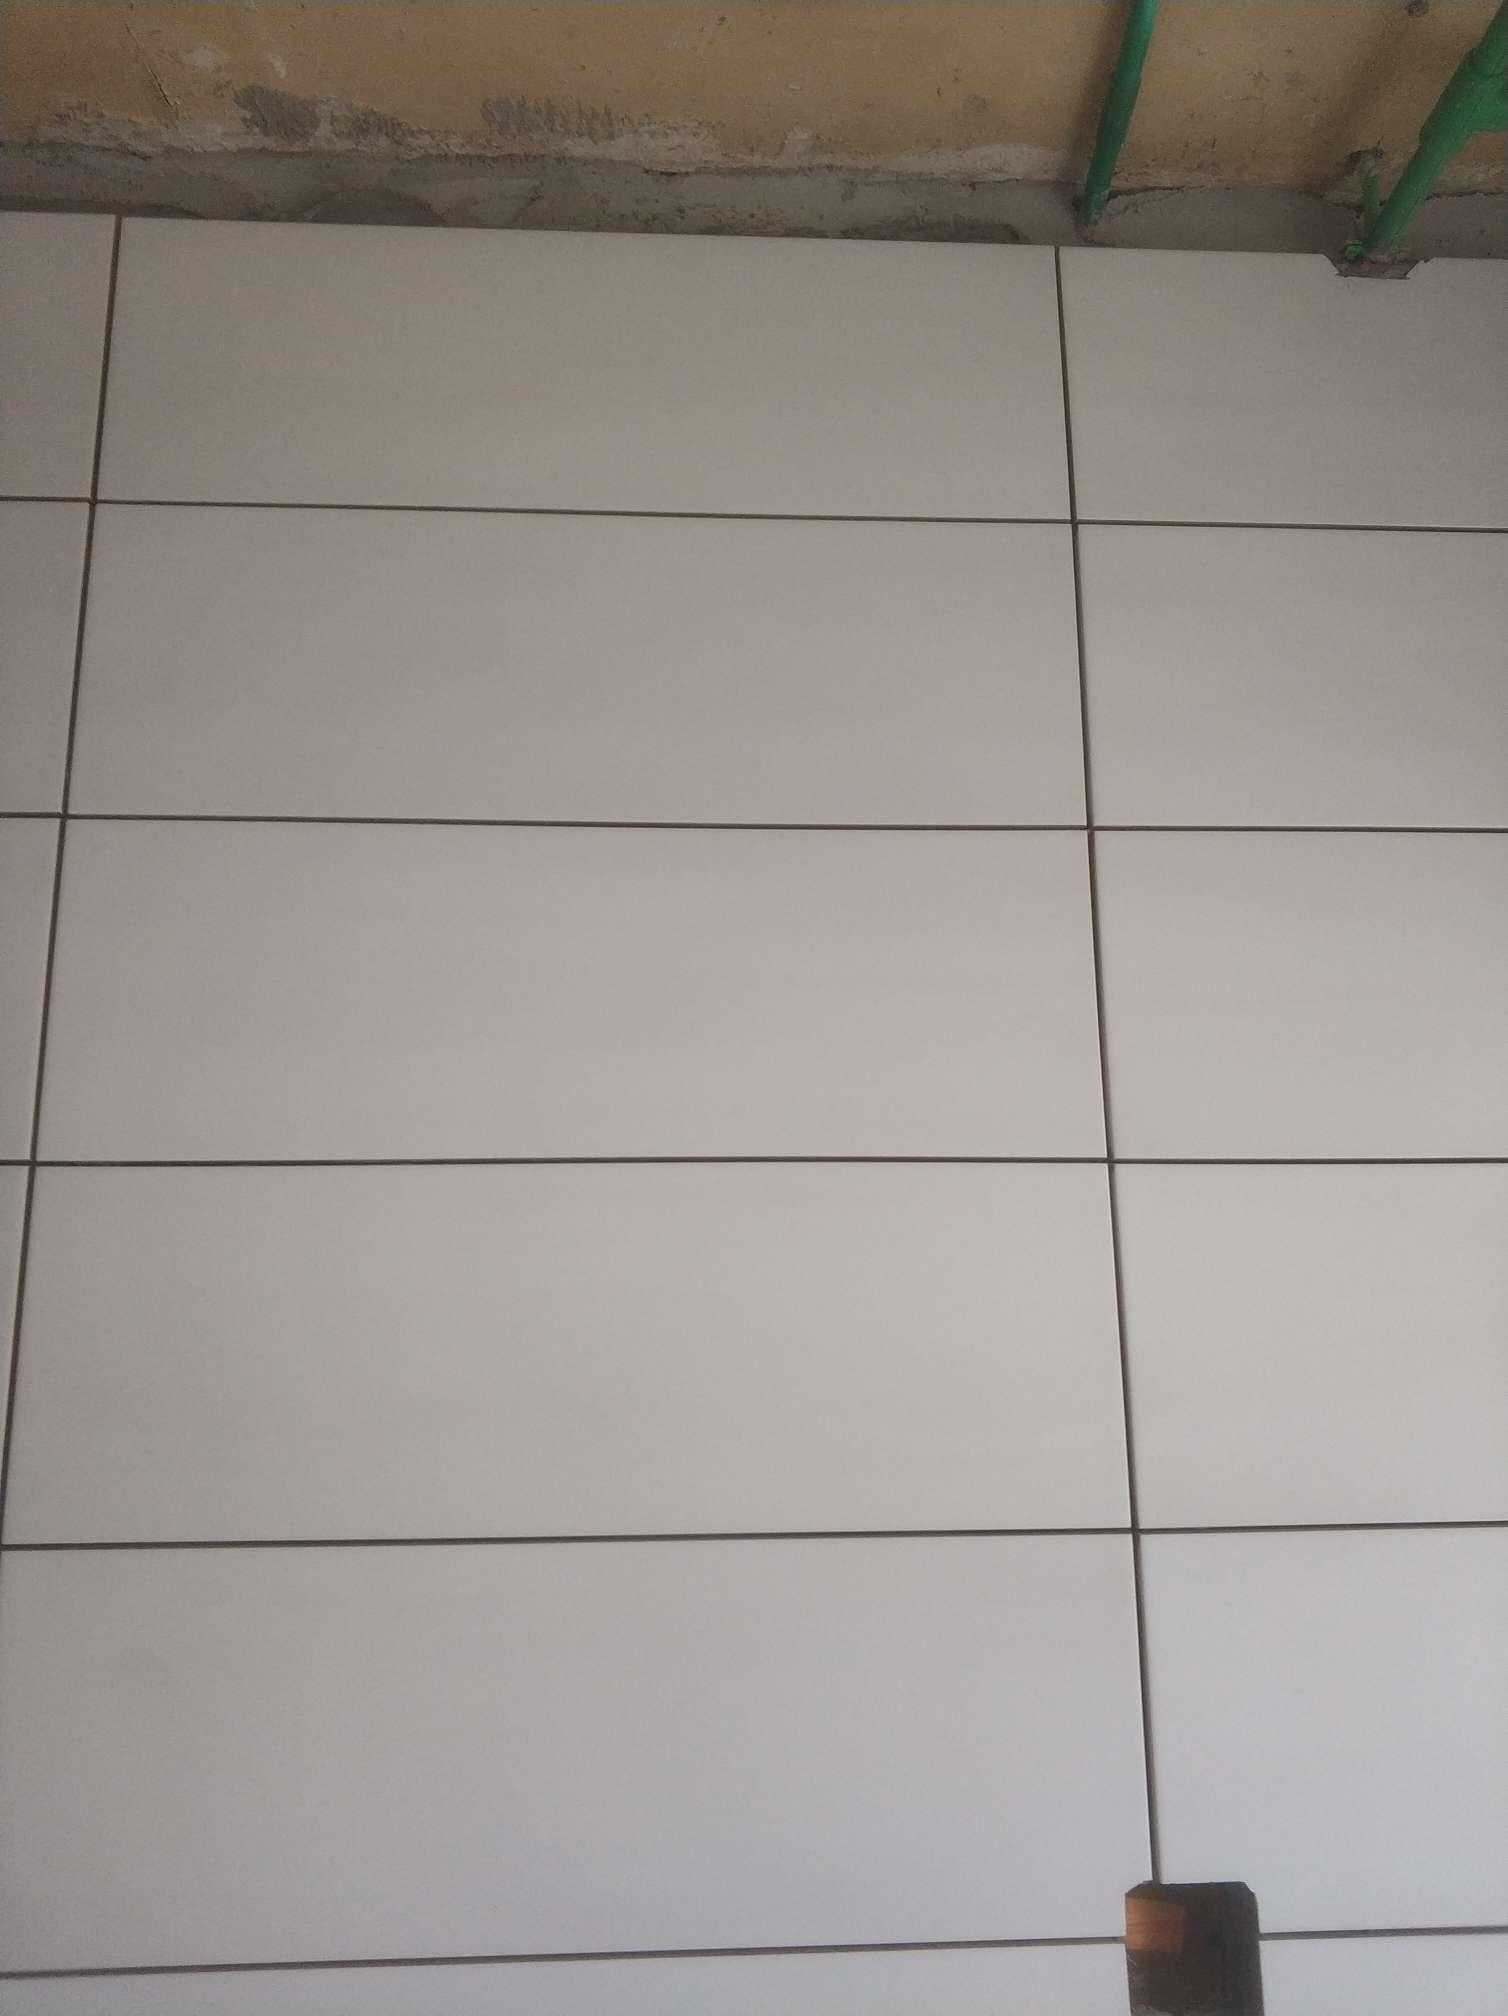 北京惠新东街14号院-泥木表面施工巡查-2018-10-14